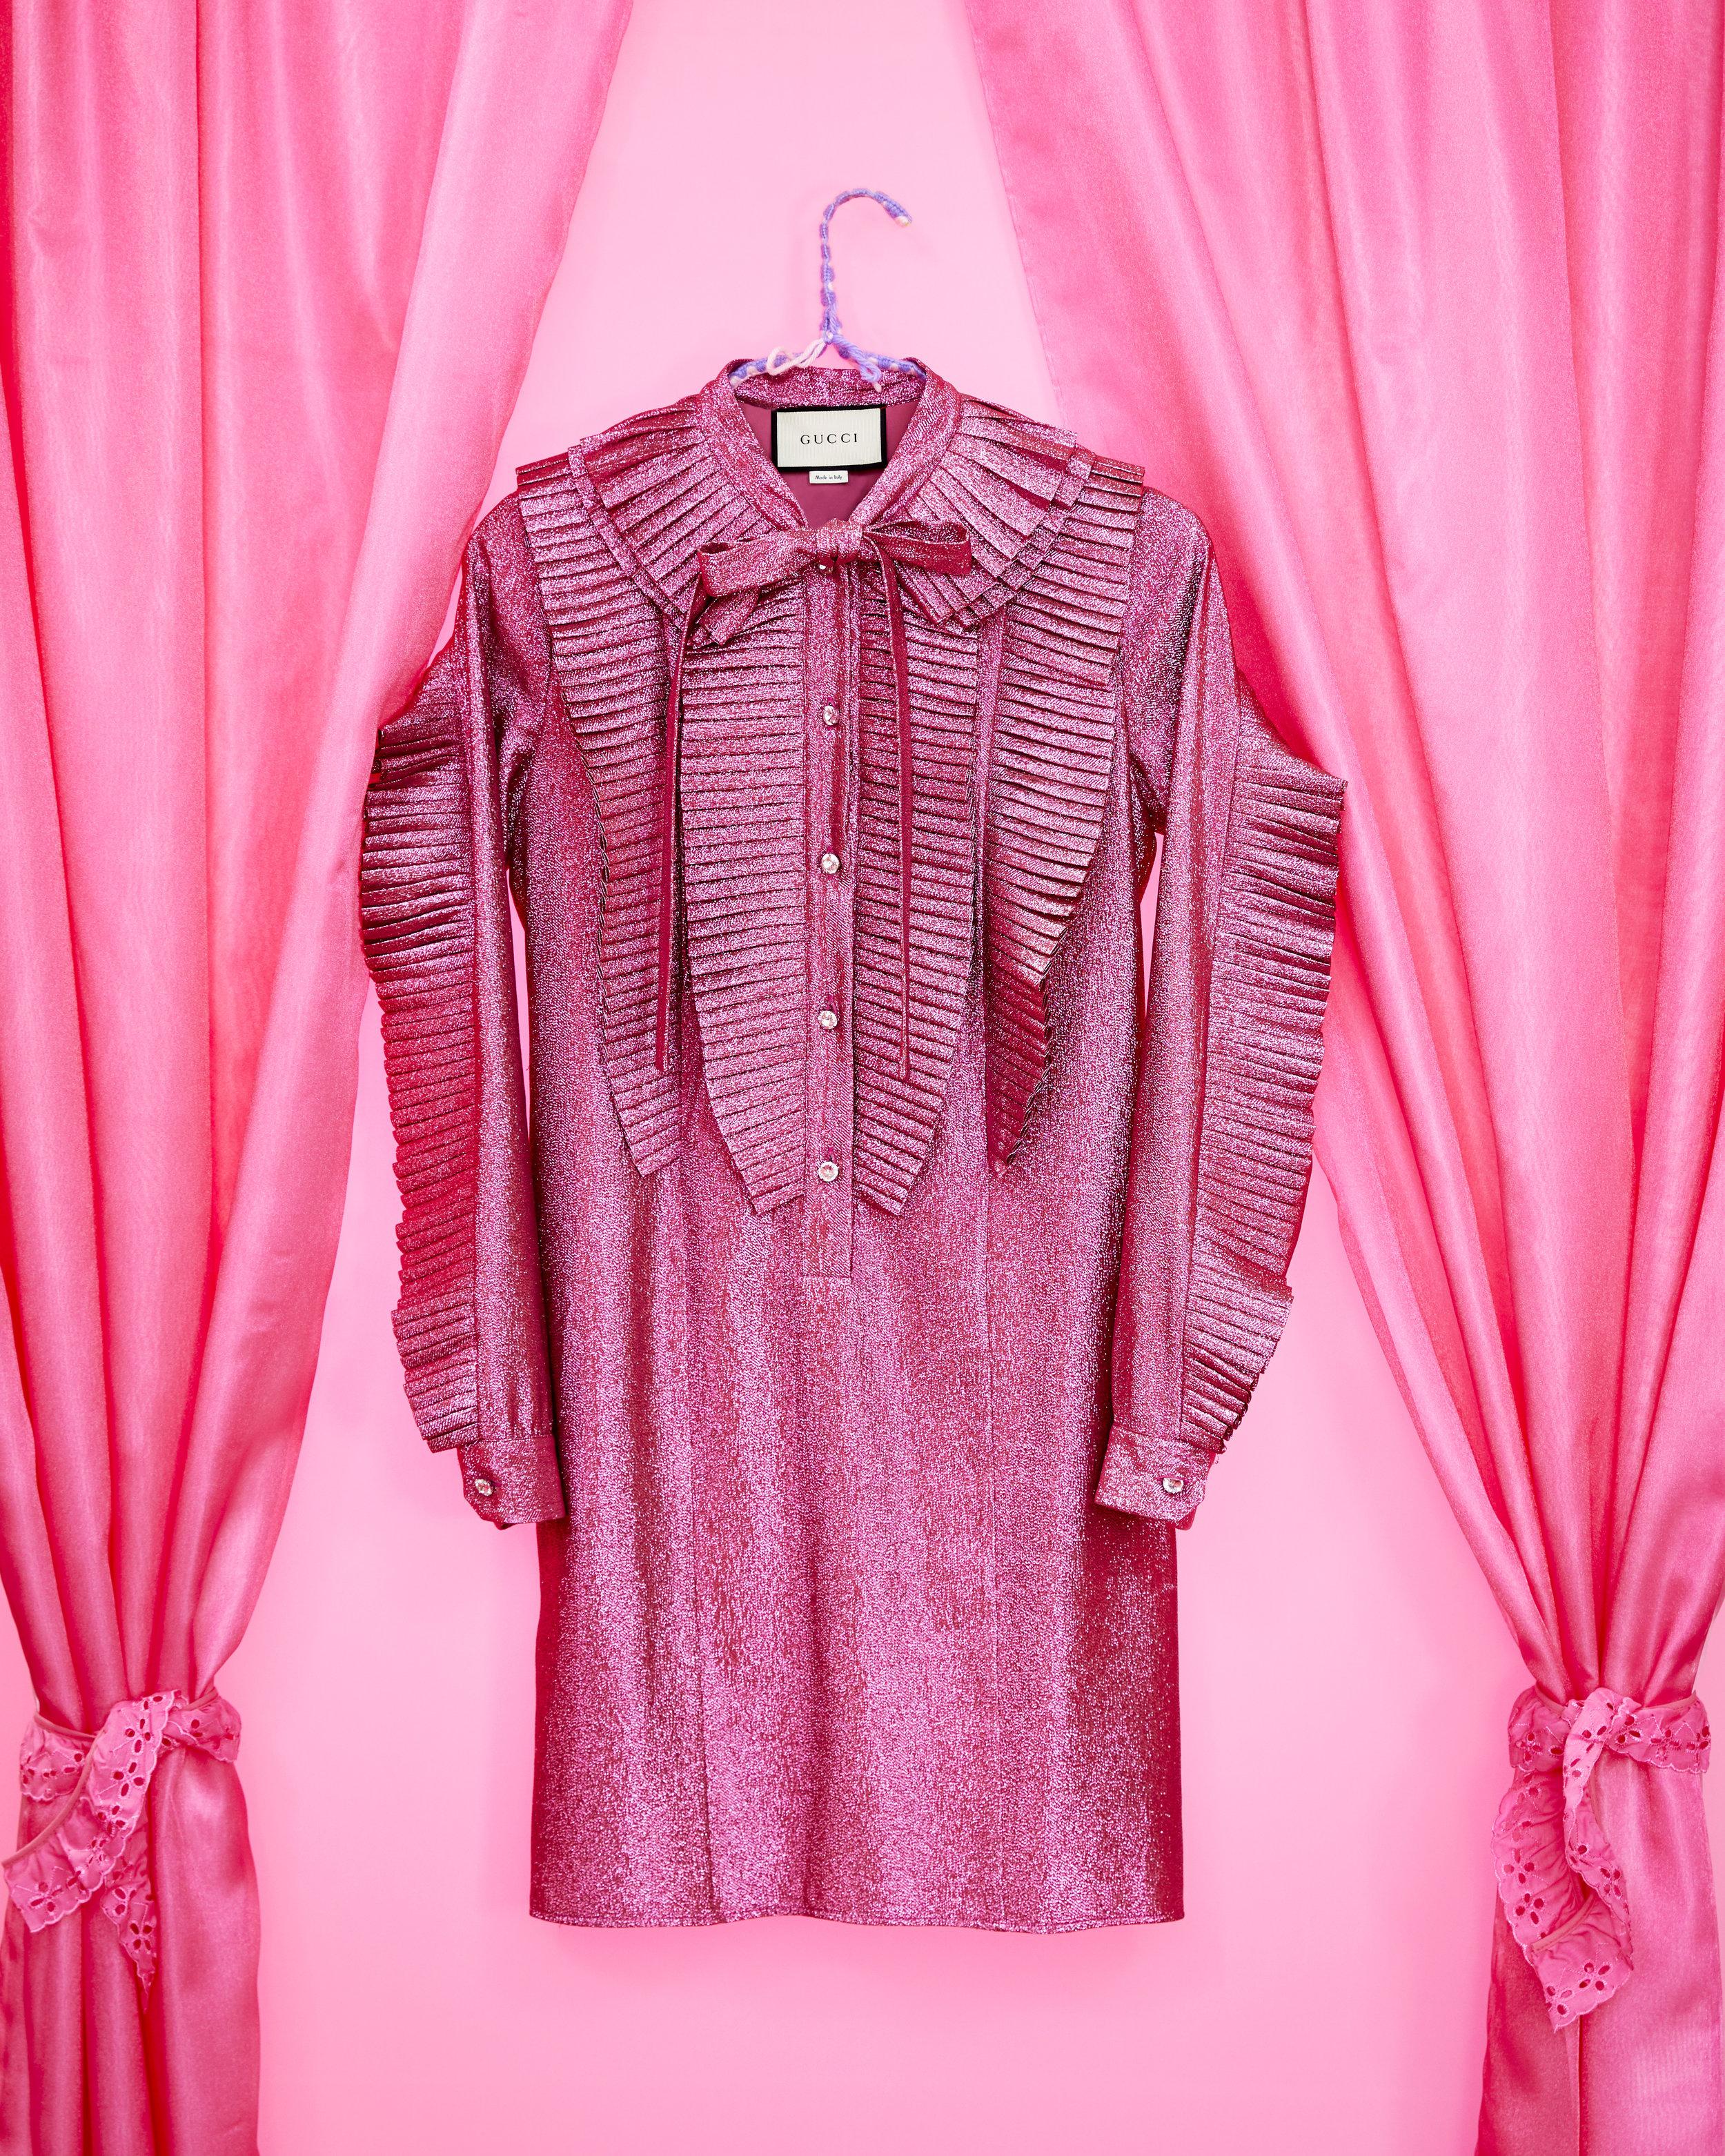 180826_pink_room_test_still_life_3234_edit.jpg